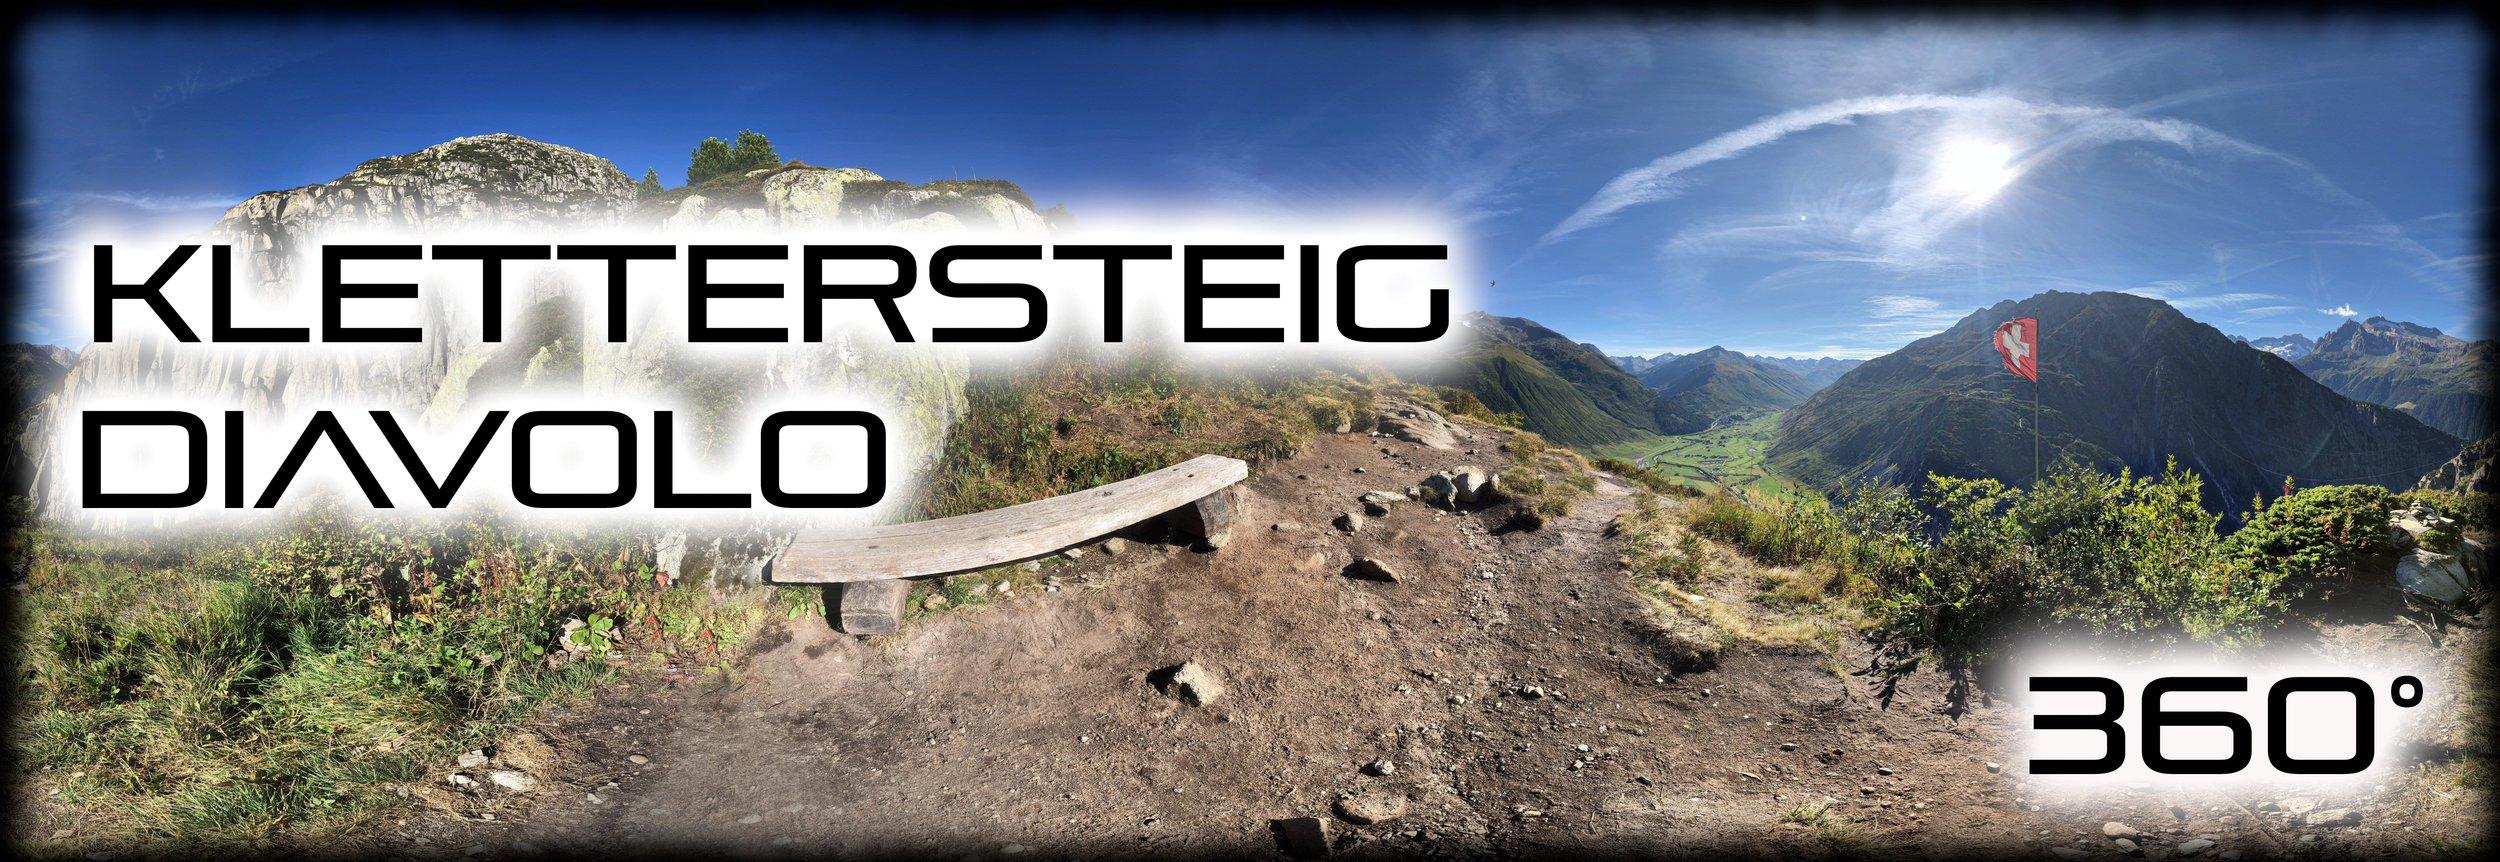 Klettersteig Diavolo Schöllenen